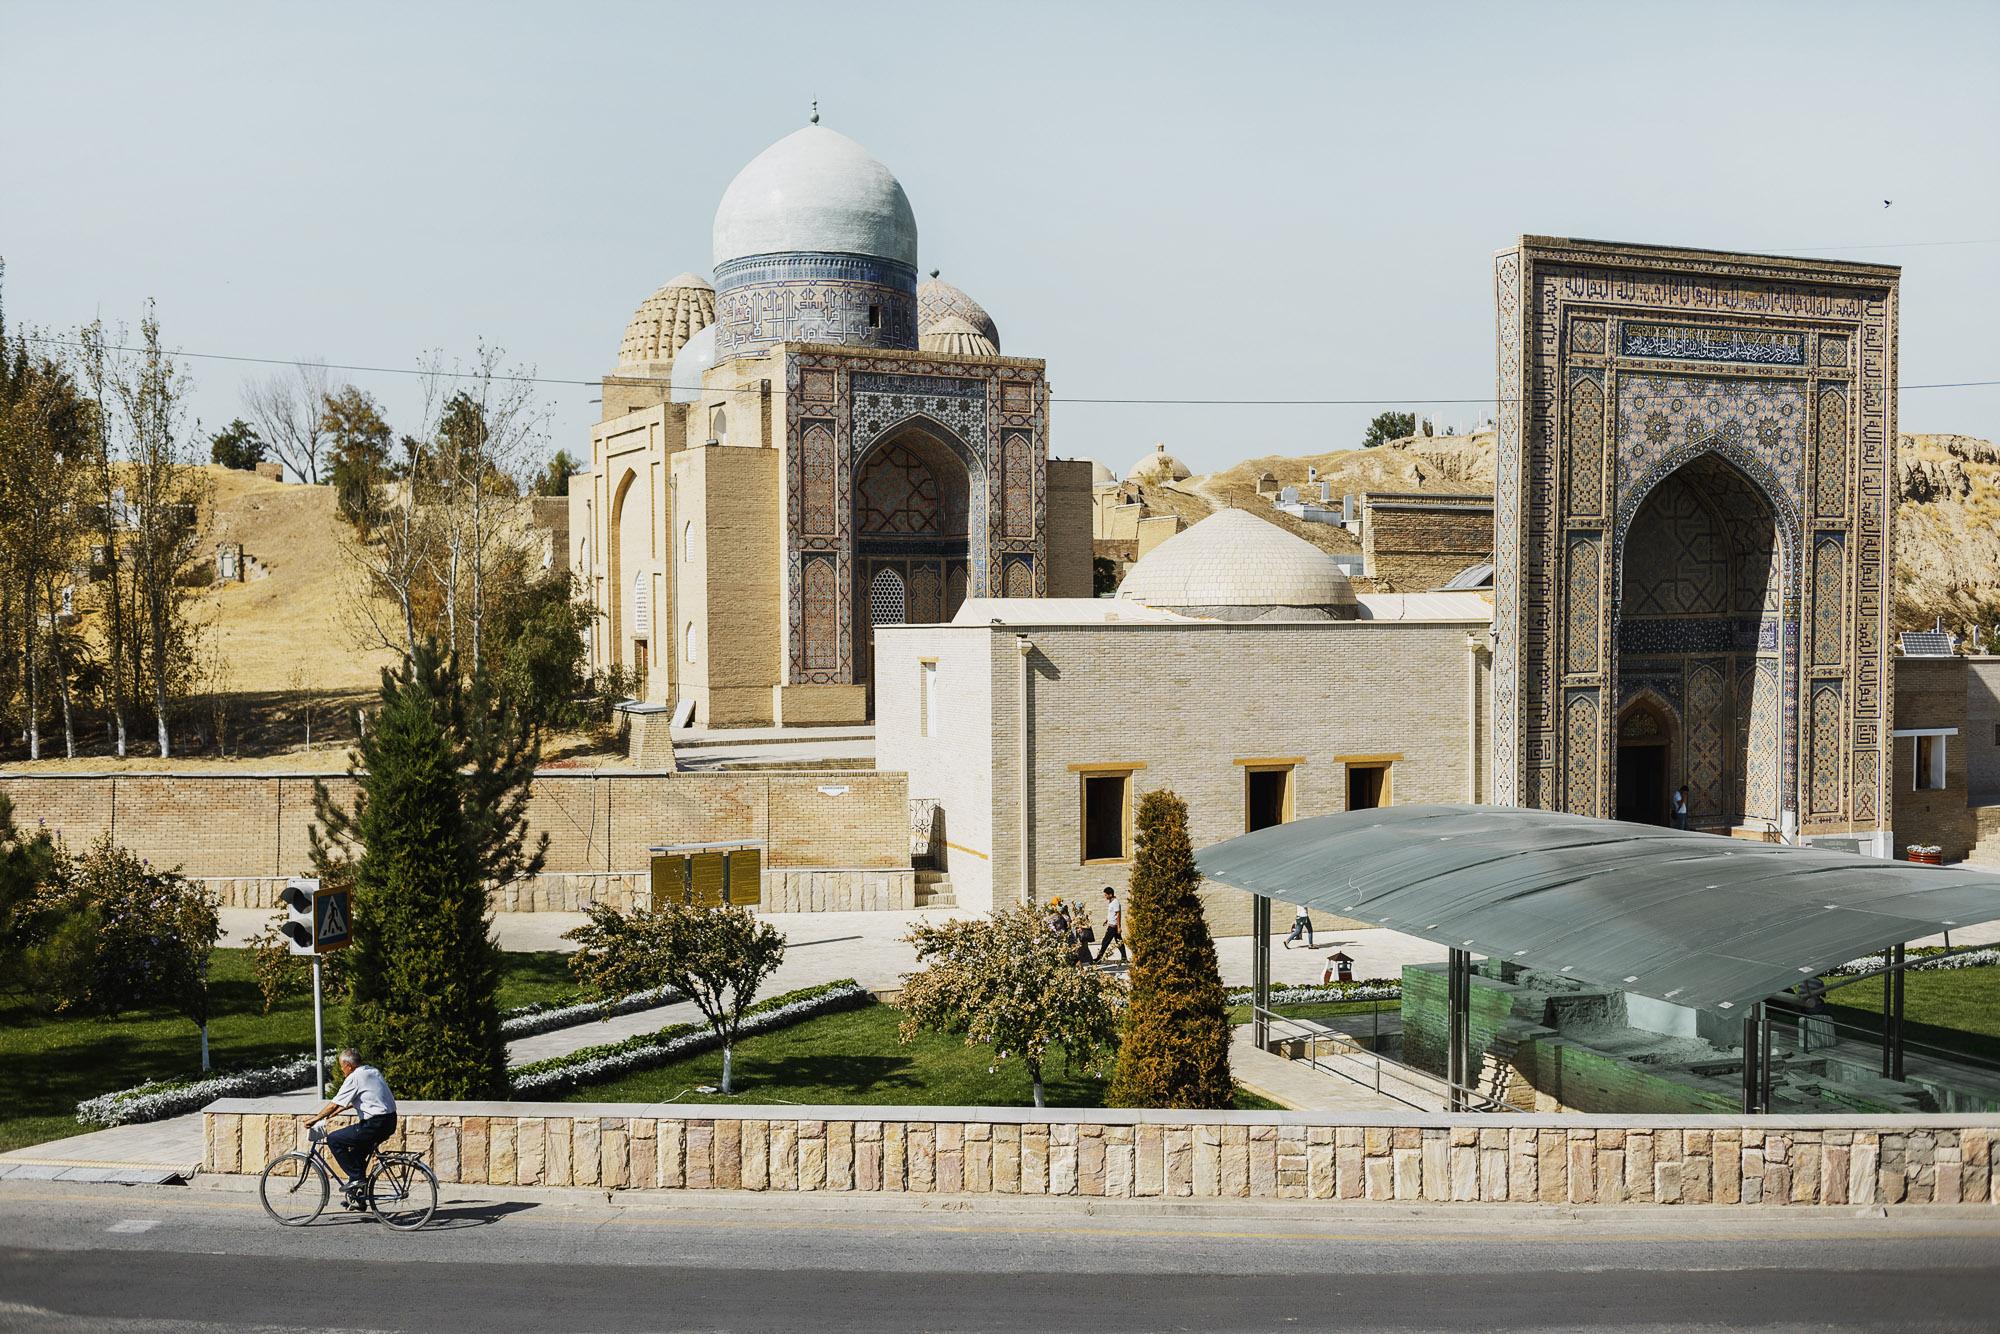 5 причин включить Узбекистан в свой список «must visit» 5 причин включить Узбекистан в свой список «must visit» 1big